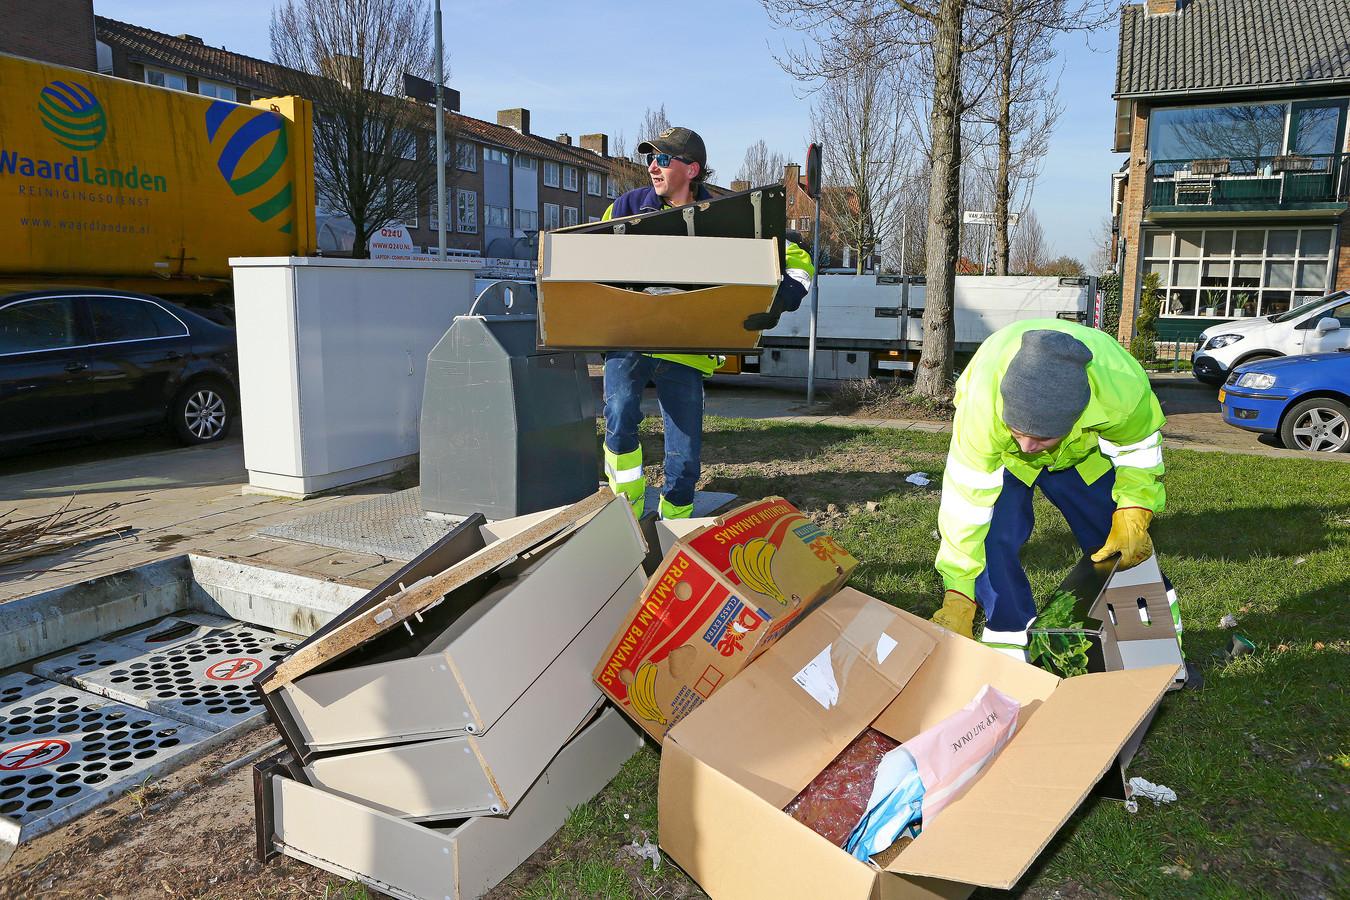 Medewerkers van Waardlanden ruimen afval bij een wijkcontainer op.